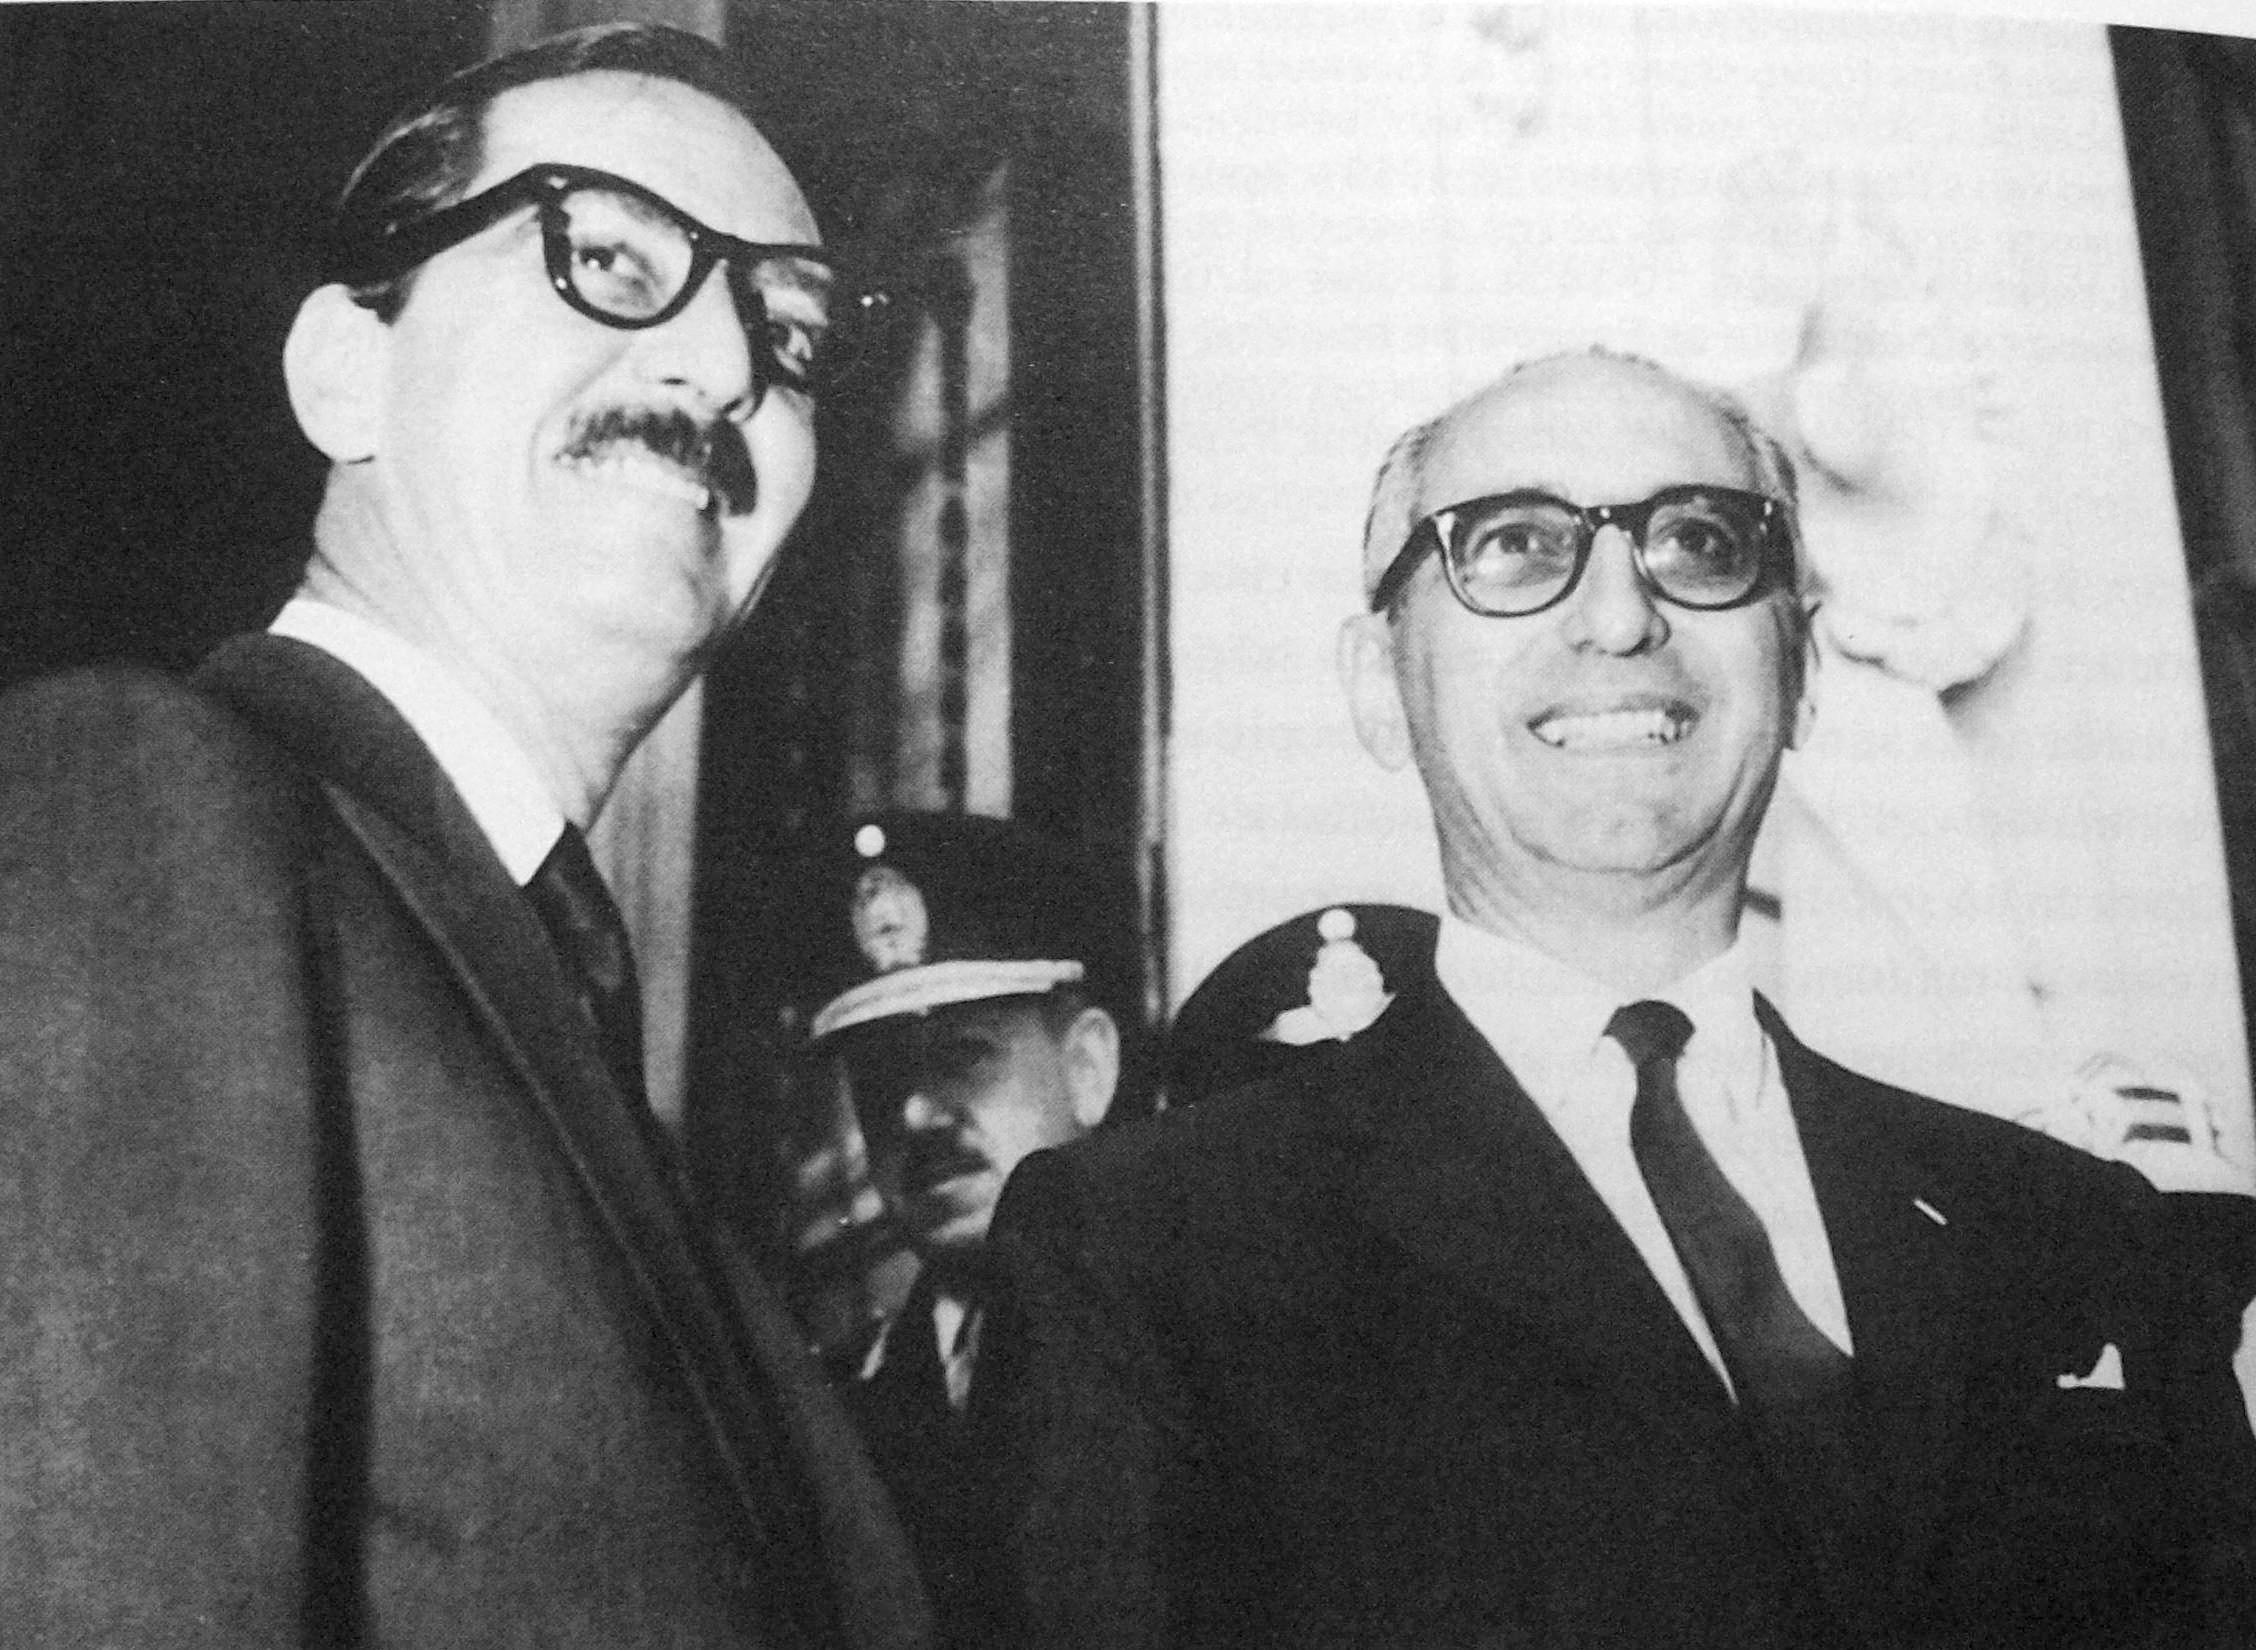 El presidente de Brasil, Jânio Quadros (a la izquierda) y el presidente de Argentina, Arturo Frondizi (a la derecha). Ambos presidentes fueron derrocados muy poco después de concretarse su respectiva reunión con el Che. En ambos casos los militares golpistas pusieron como excusa la reunión con el guerrillero.